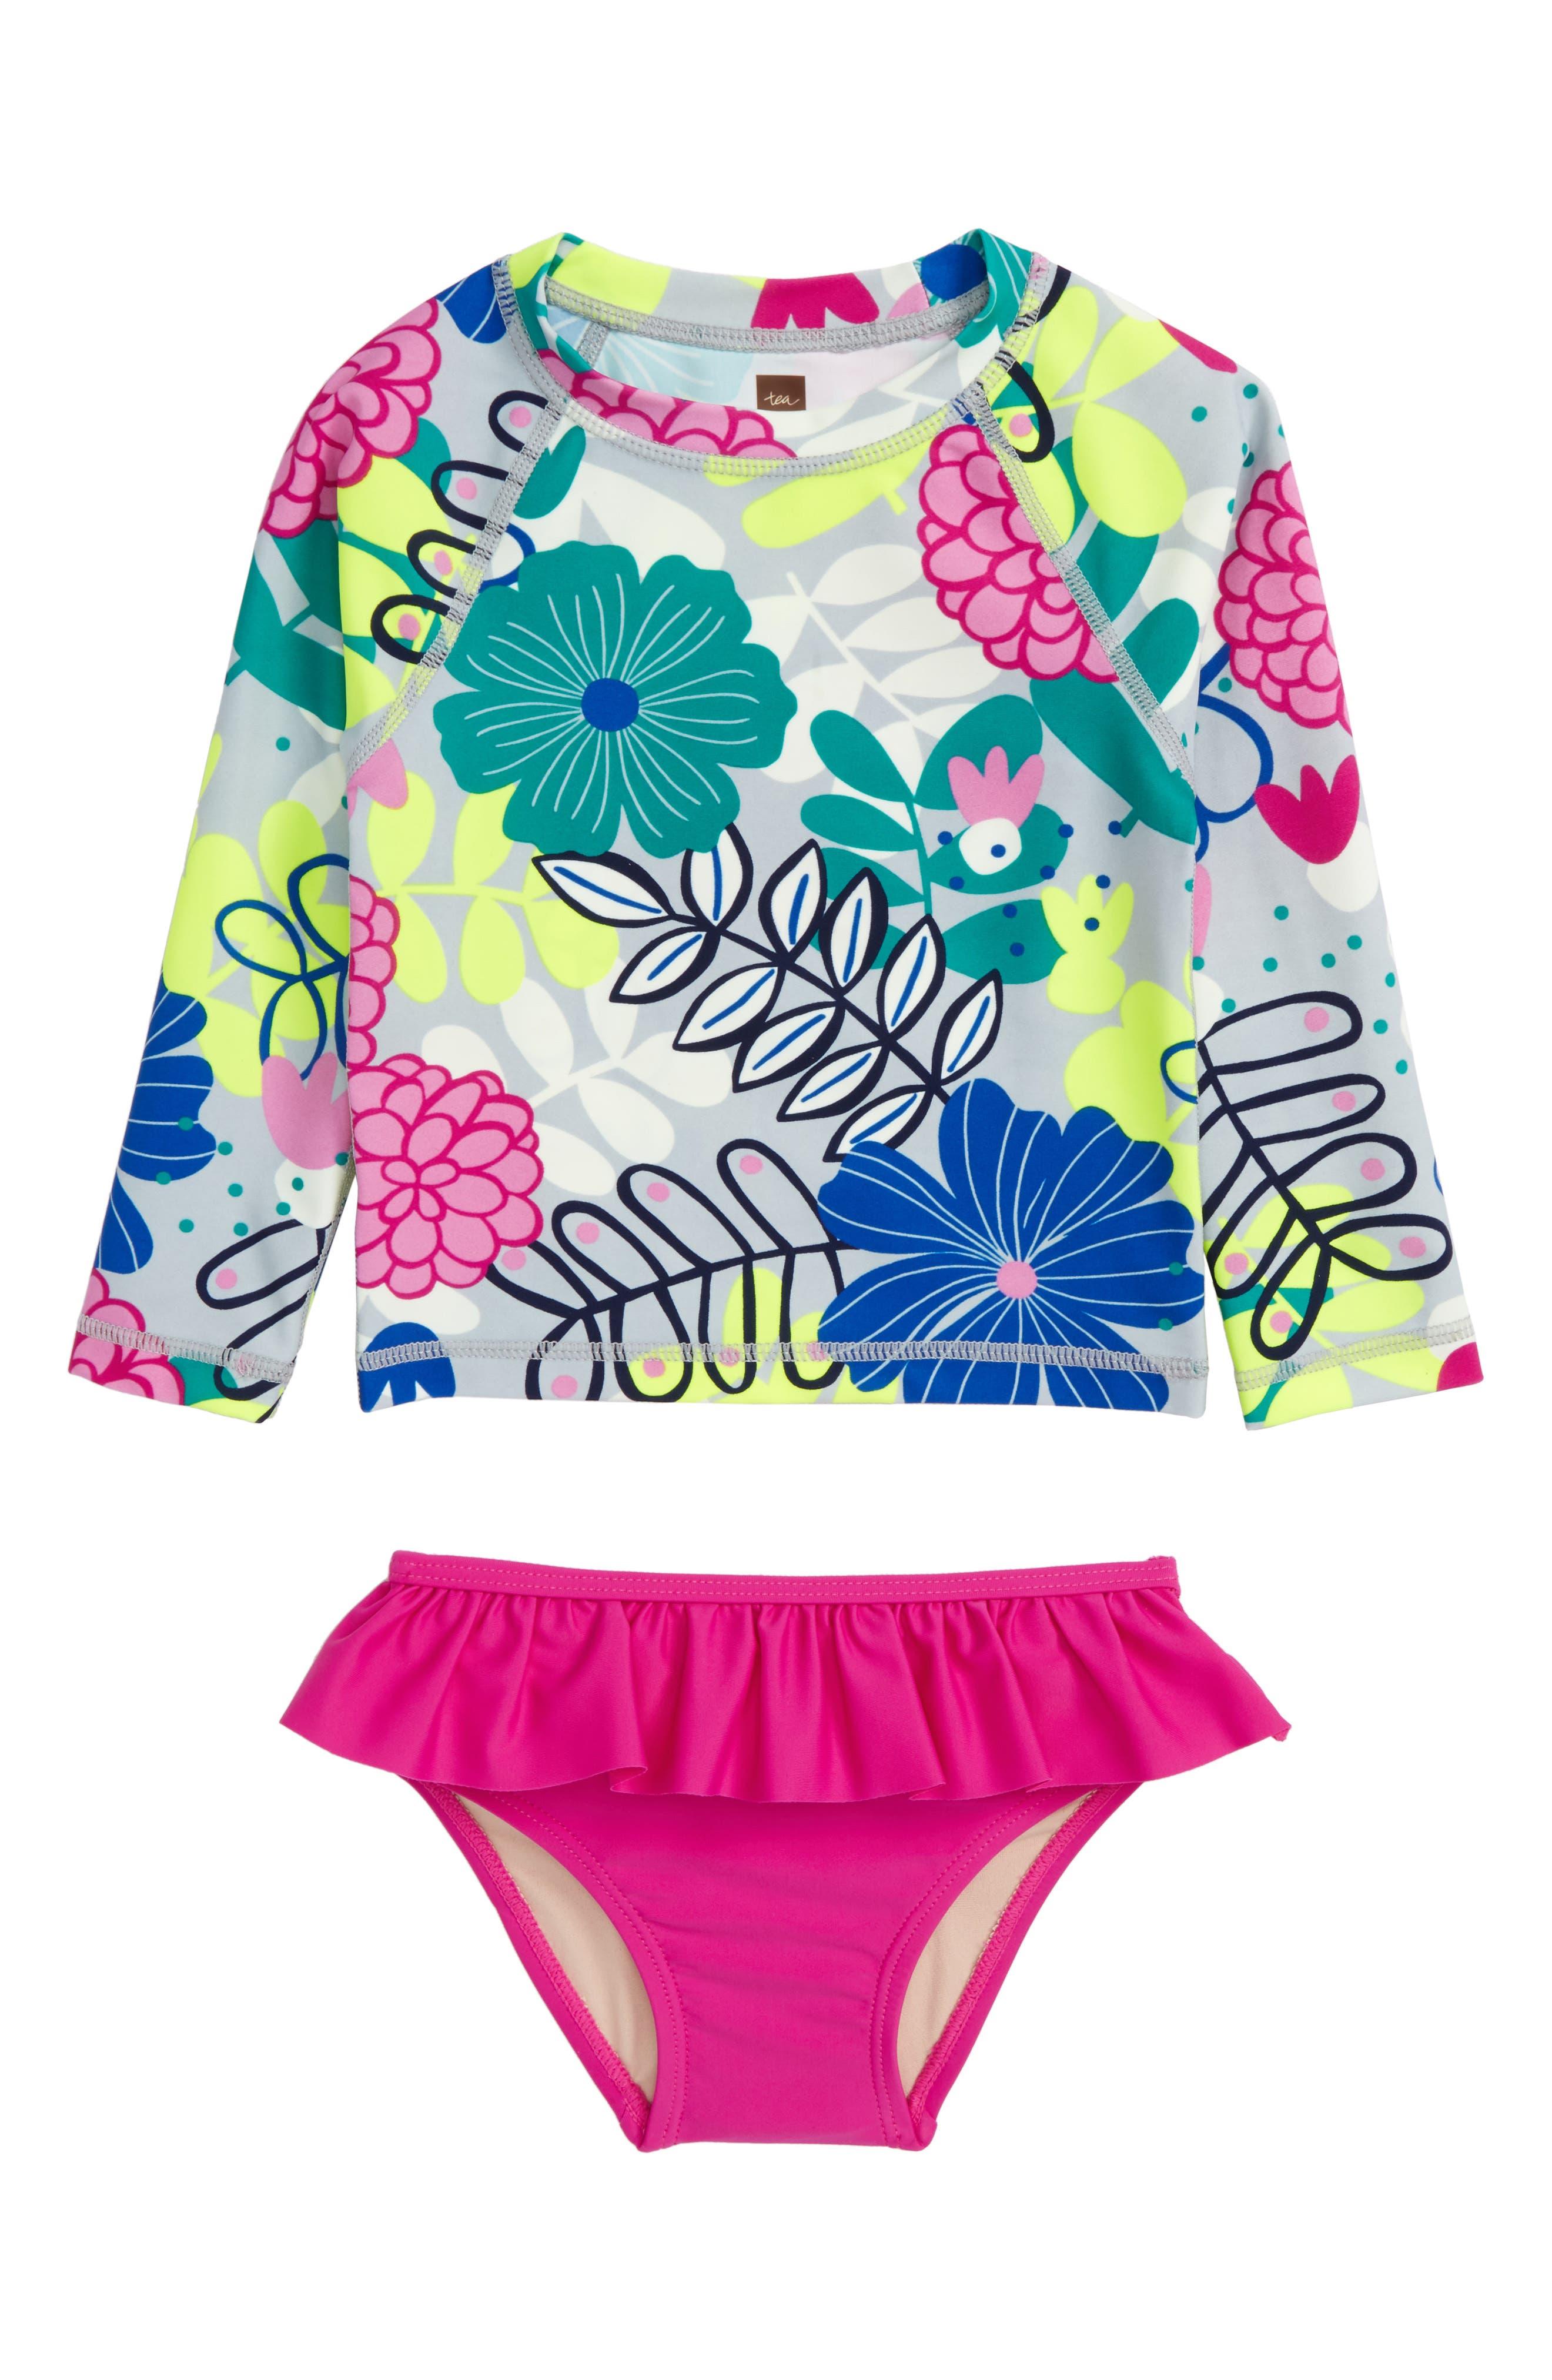 Two-Piece Rashguard Swimsuit,                             Main thumbnail 1, color,                             Colorful Bouquet